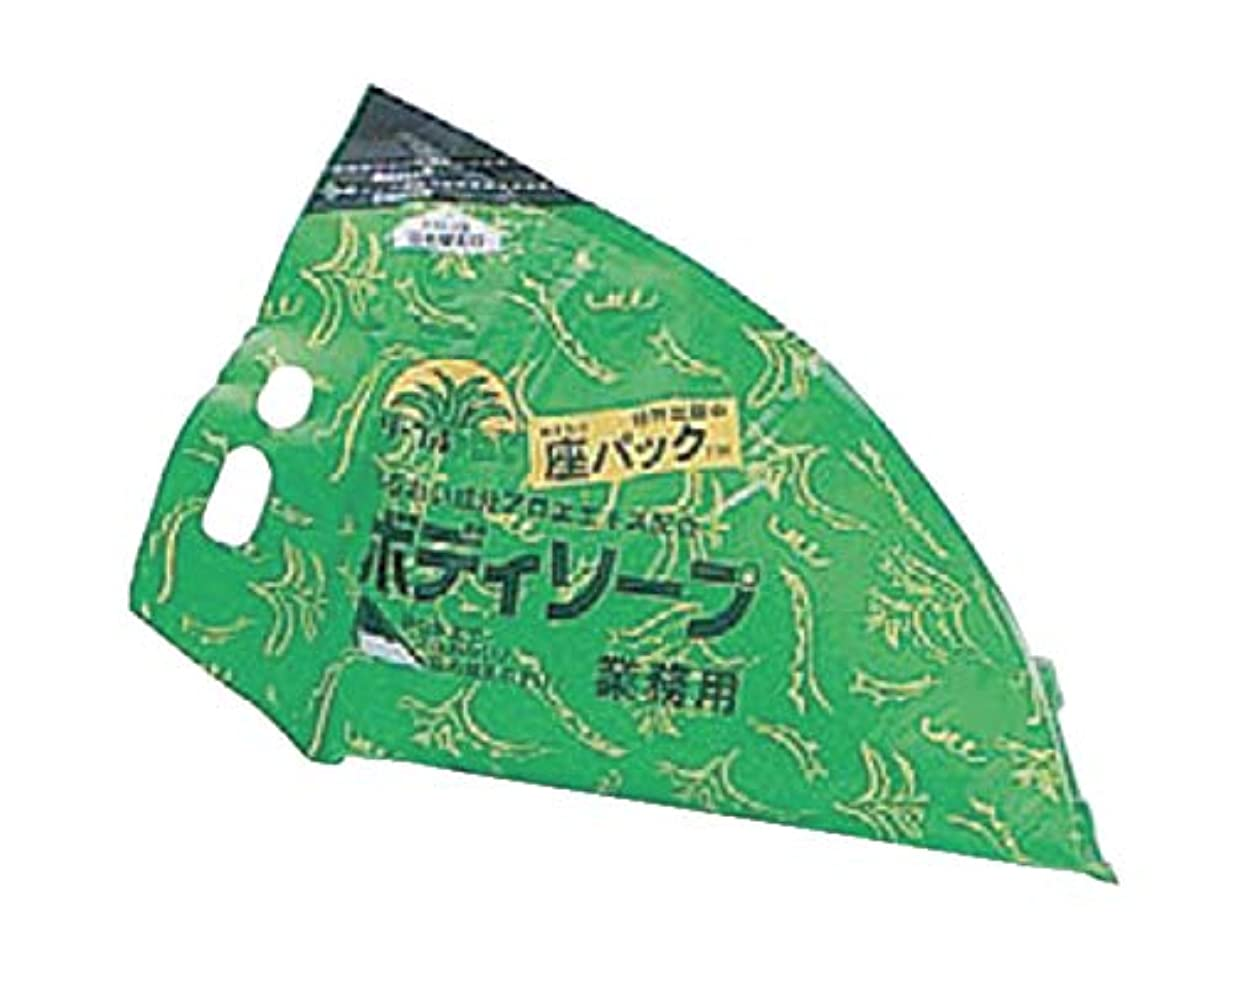 アプローチパラナ川摂氏リーブル ボディーソープ2L(詰替用)/62-6298-77